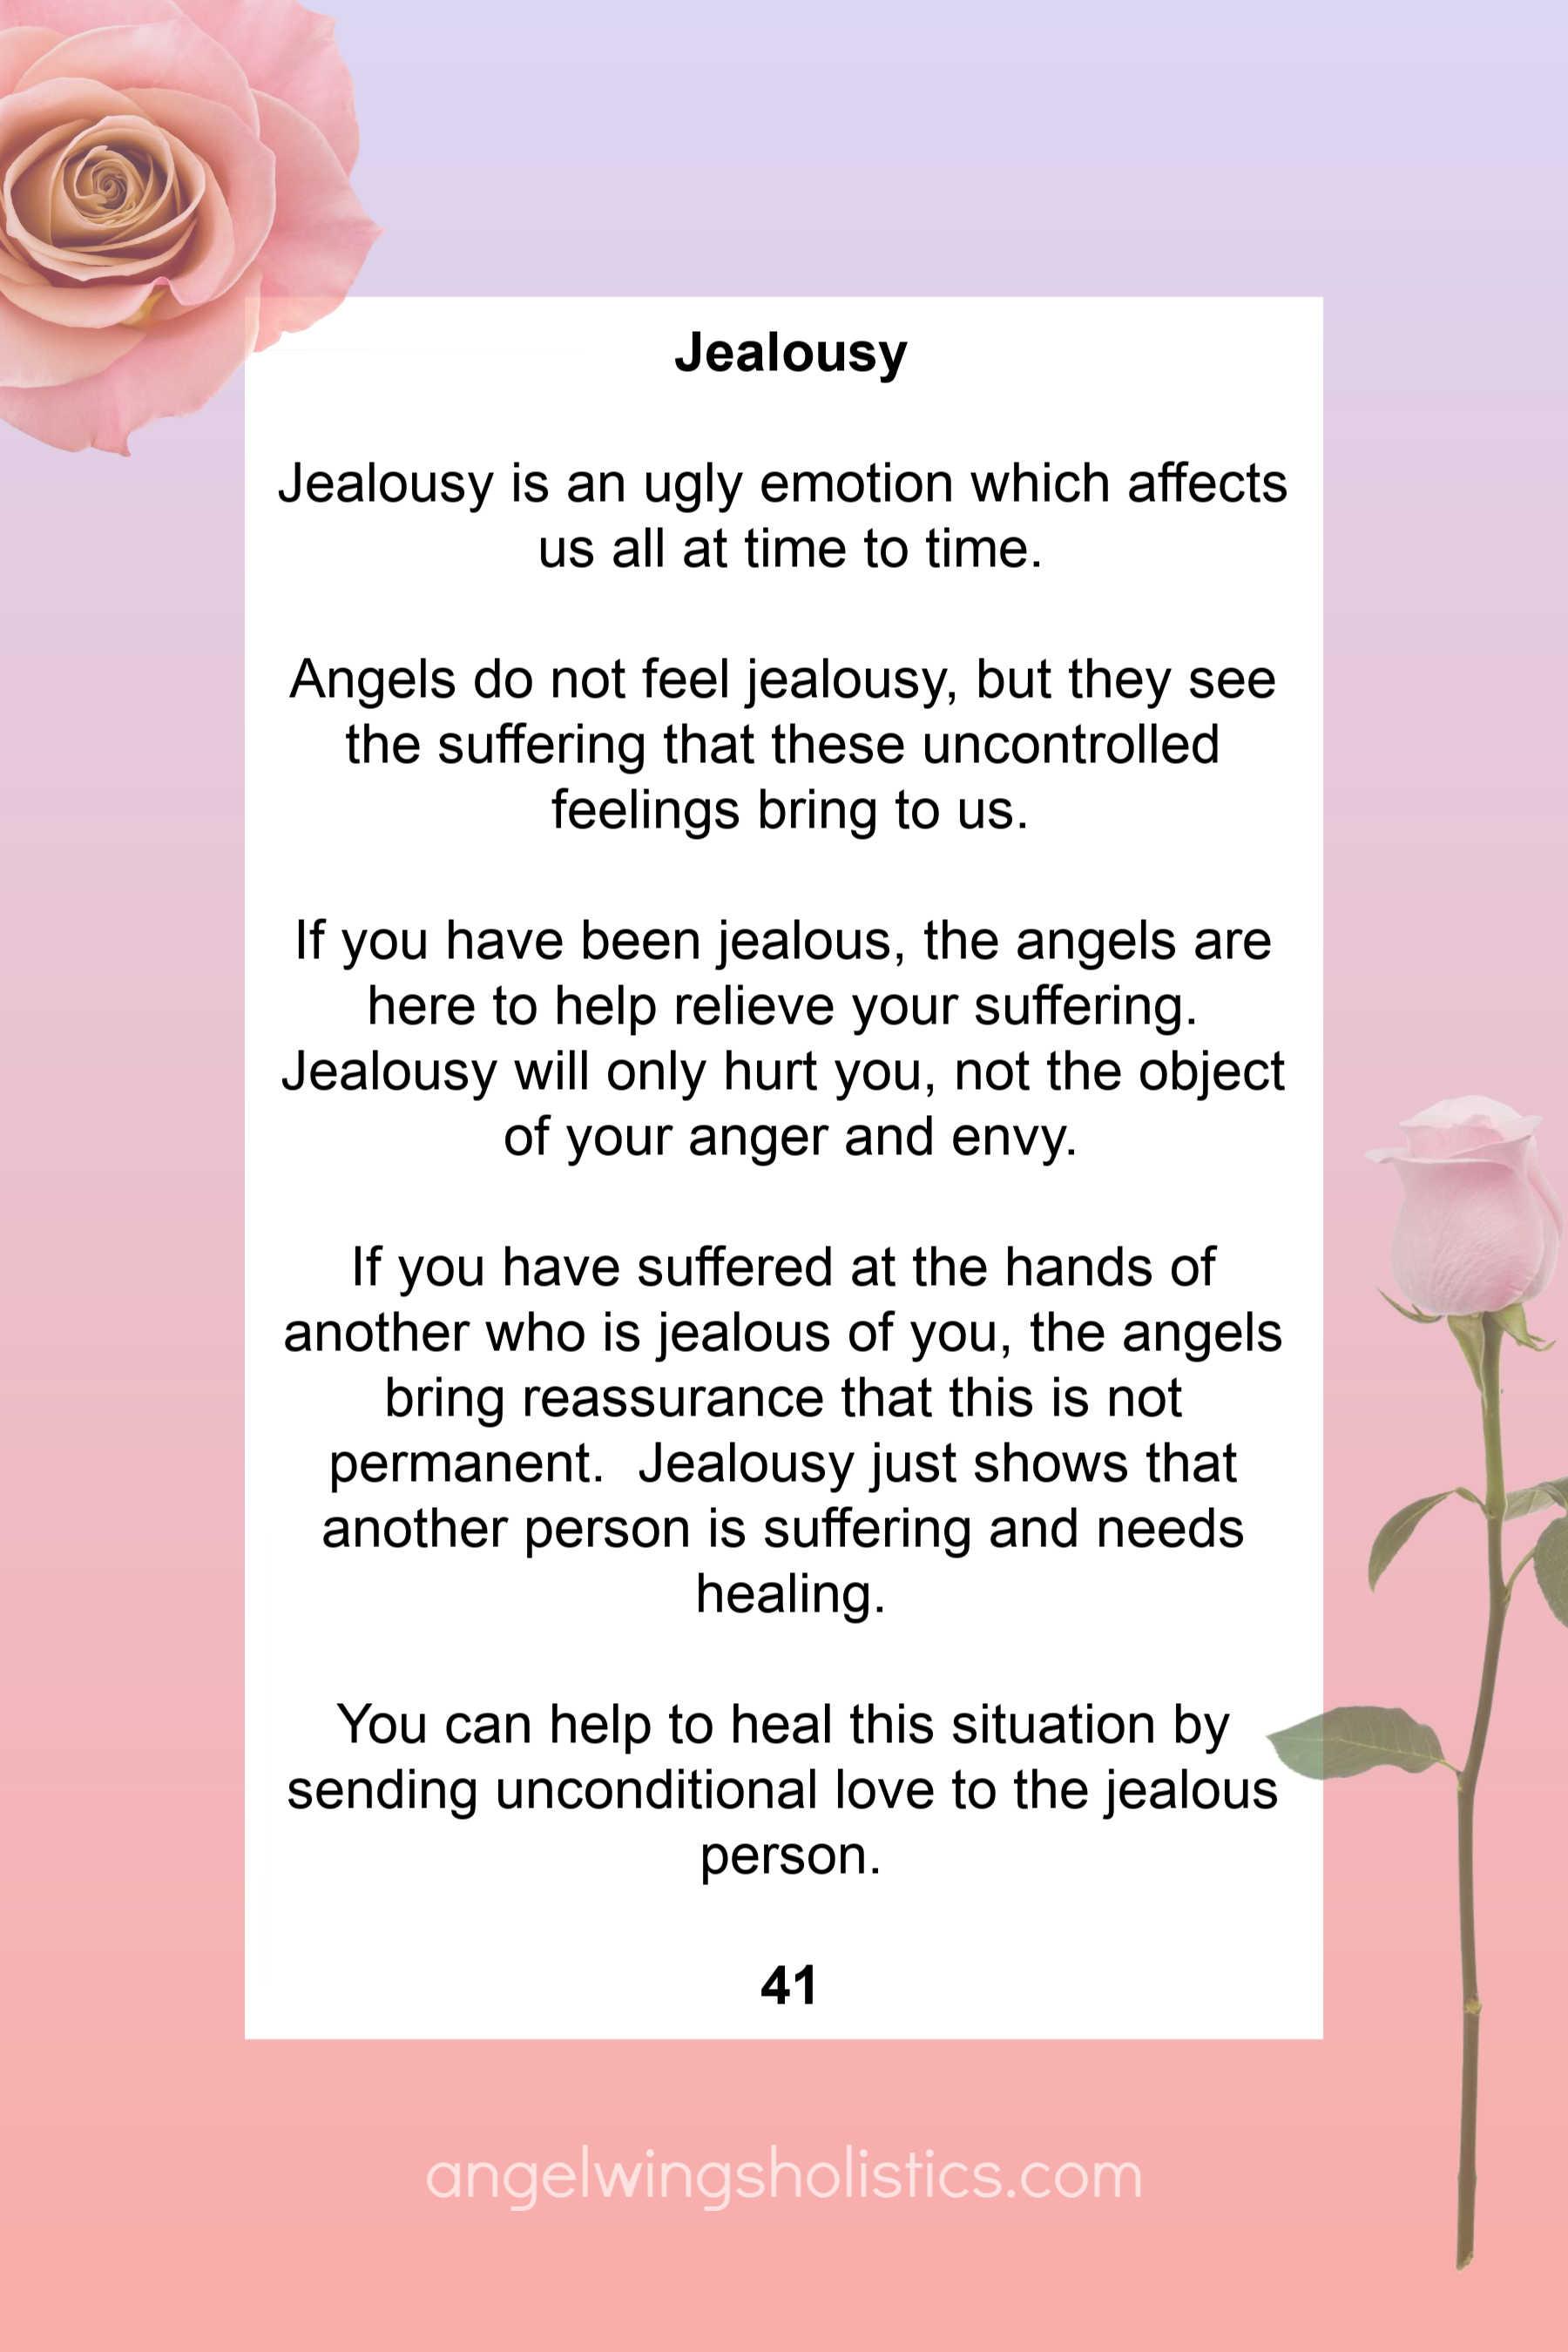 41-jealousy.jpg